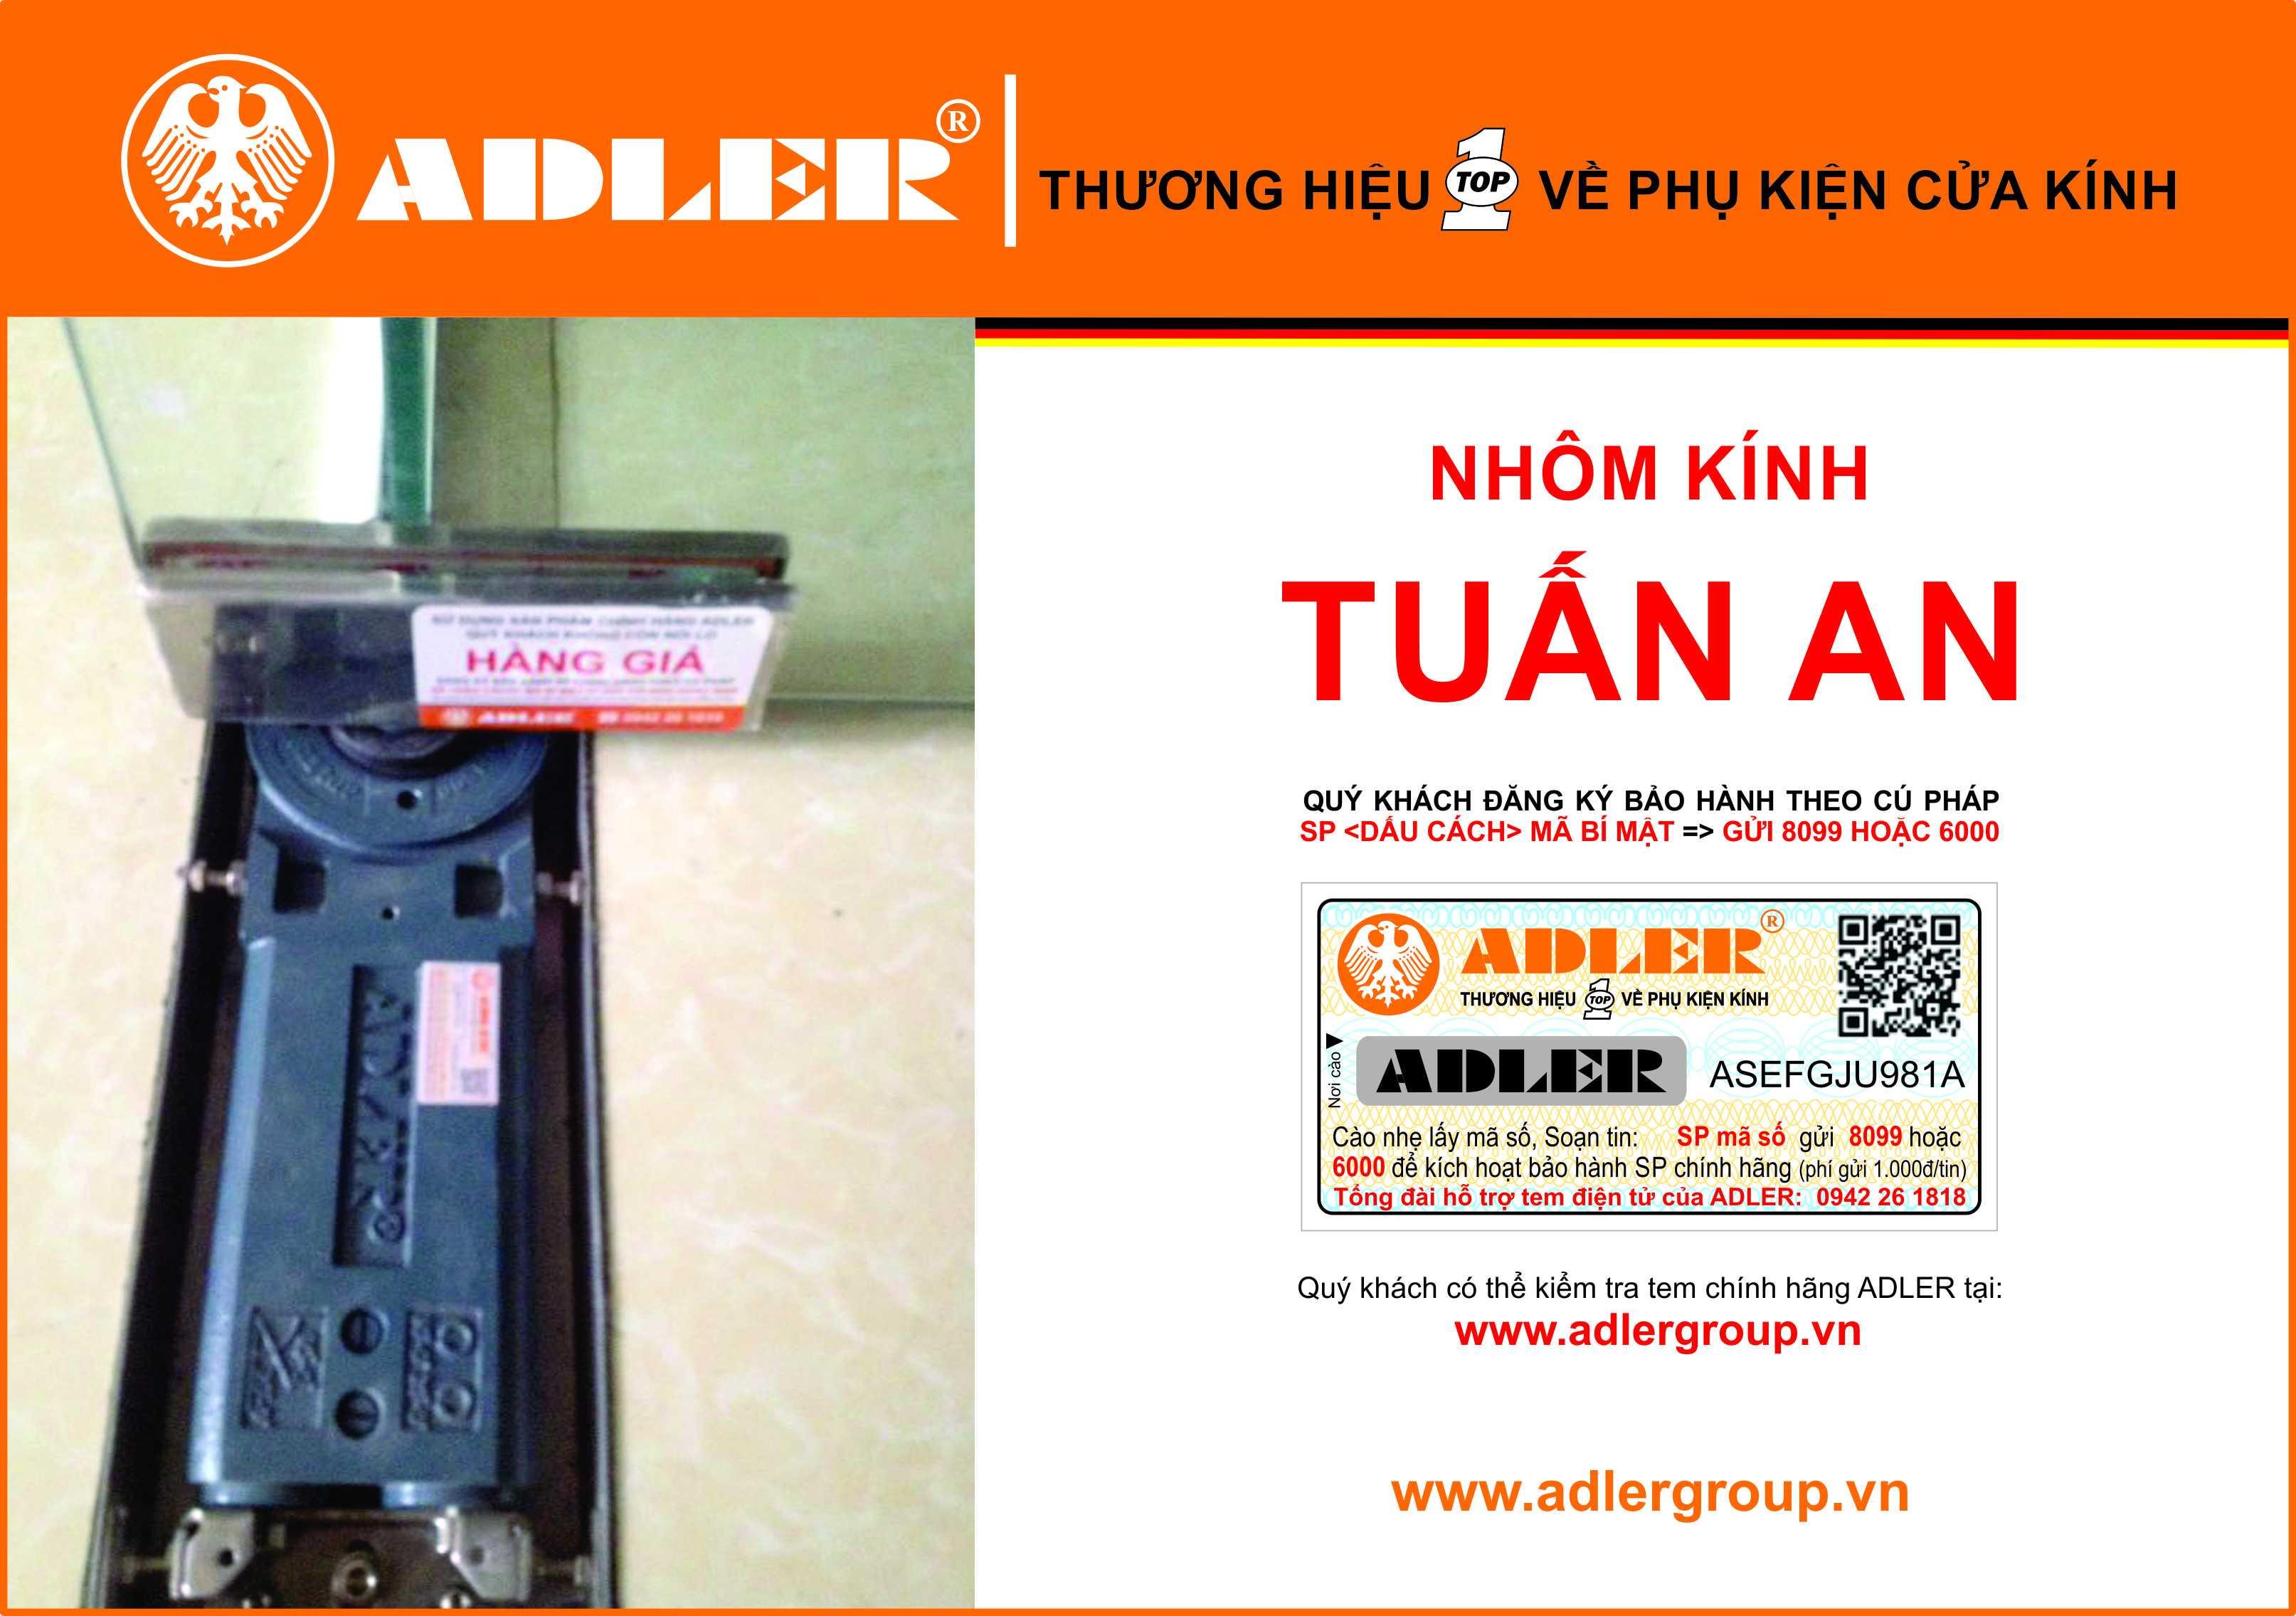 Đồng bộ sản phẩm Adler cùng nhôm kính Tuấn An